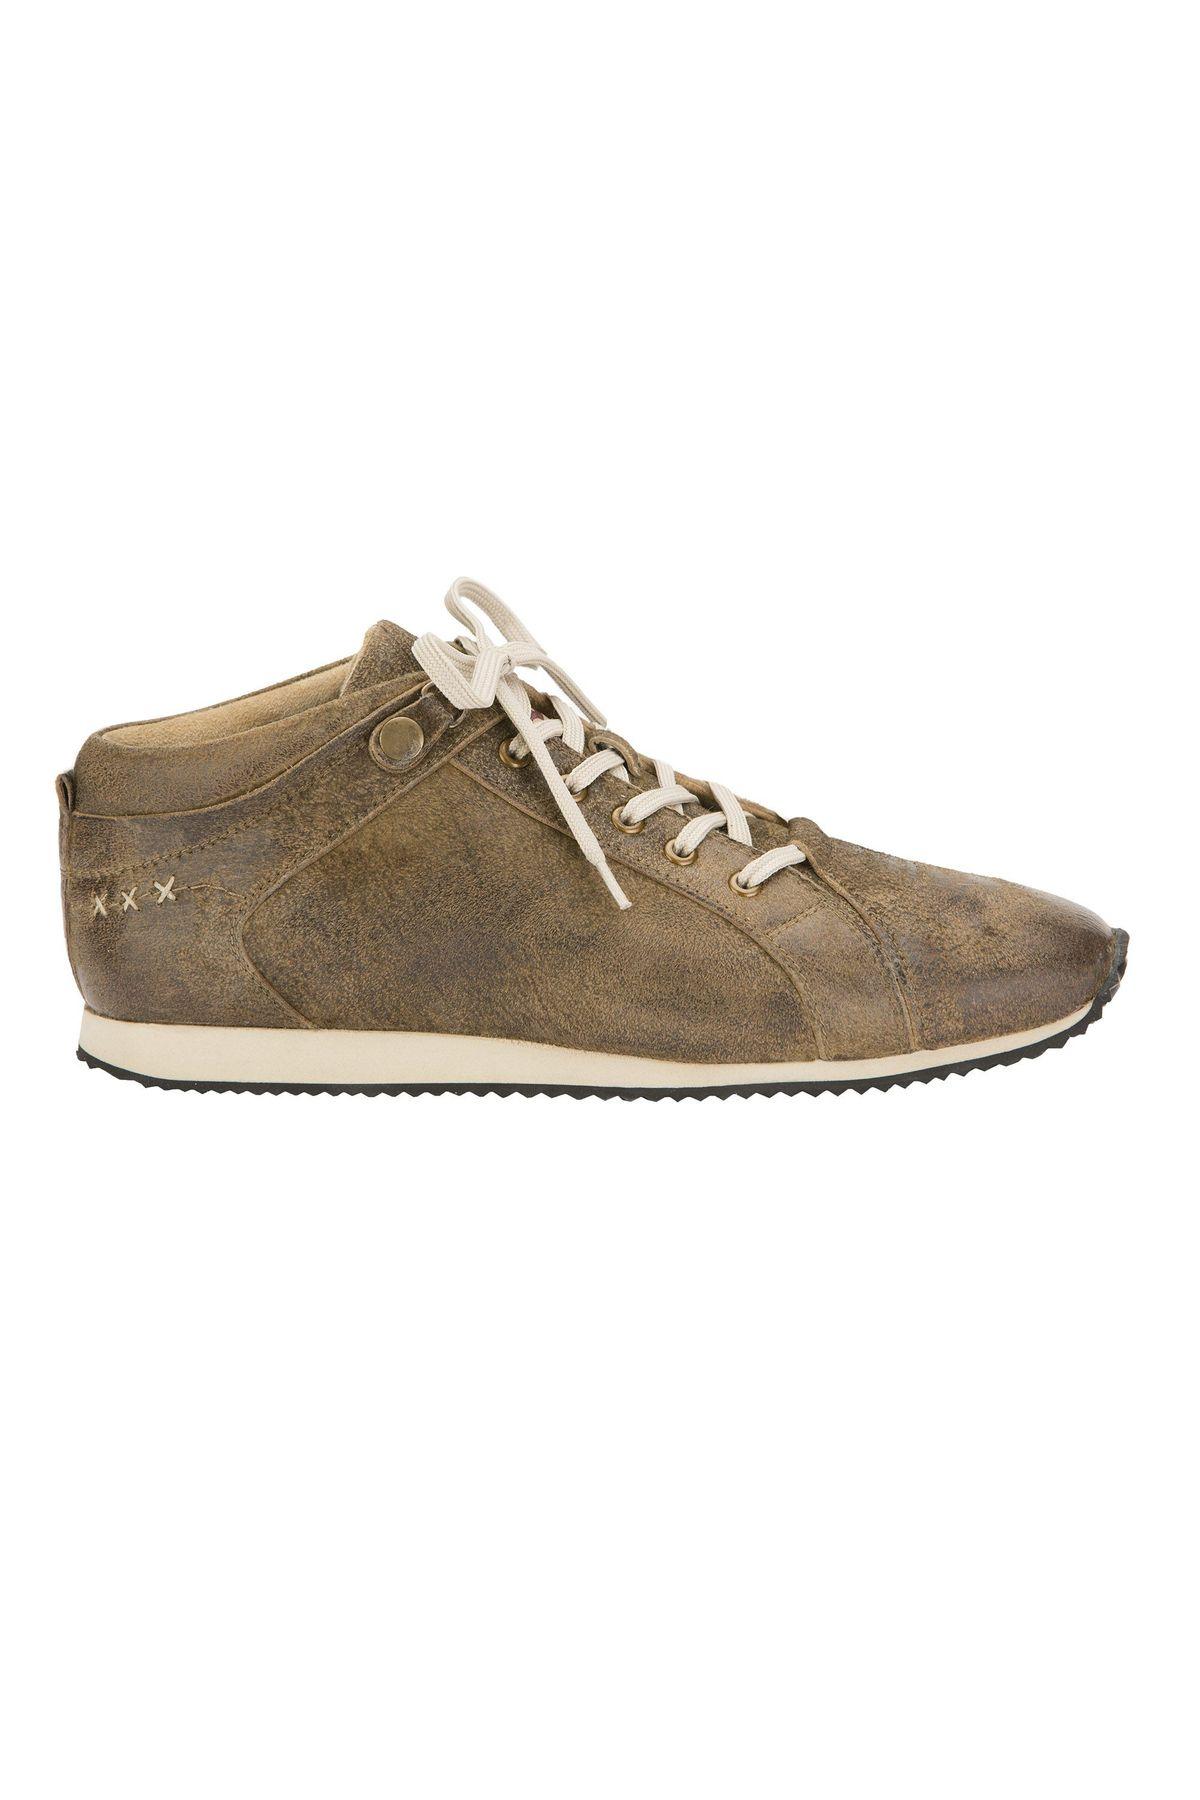 STOCKERPOINT - Herren Trachten Schuhe in Bison und Havanna, 1310 – Bild 5